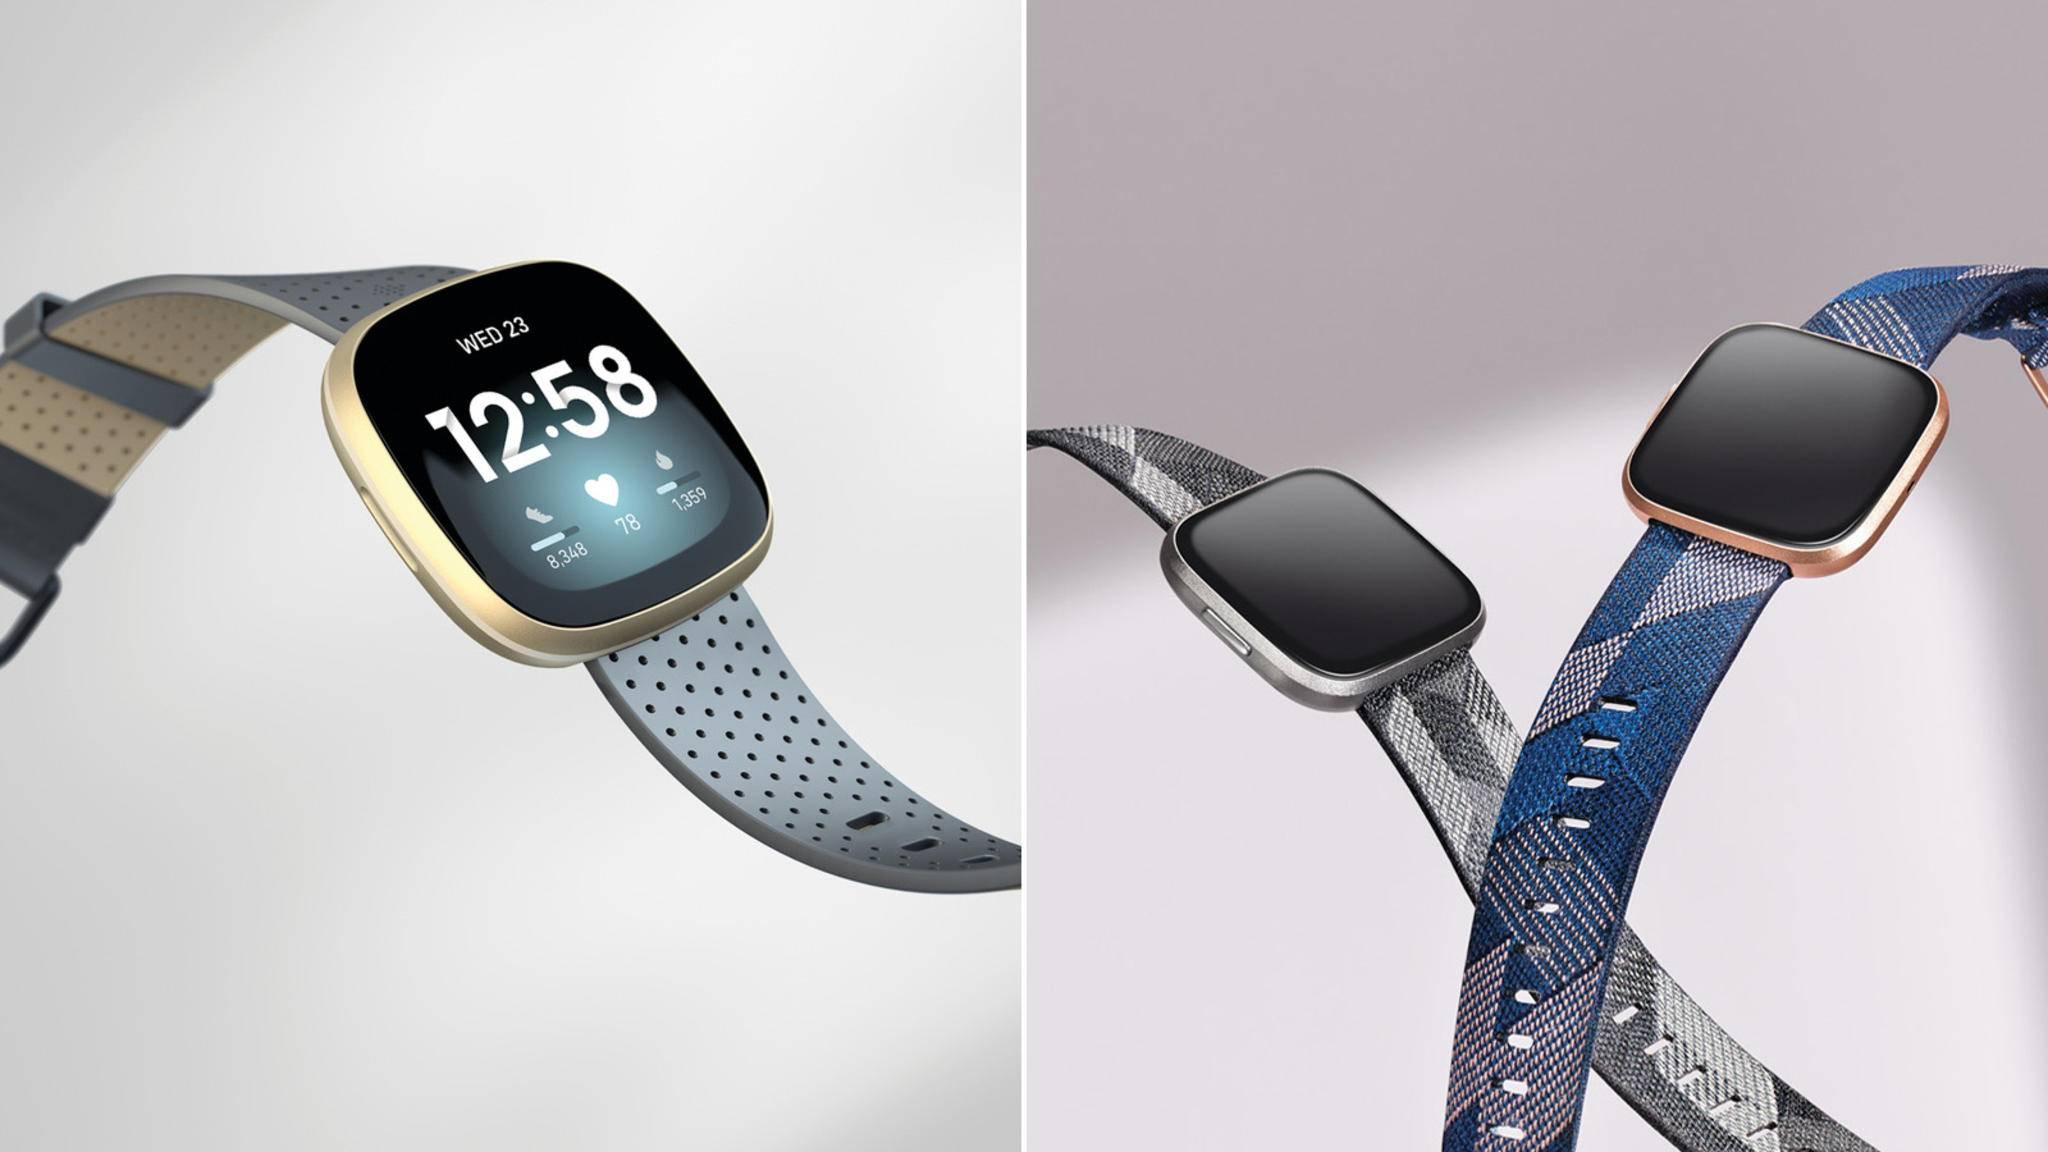 Fitbit Versa 3 und Versa 2 Vergleich Teaserbild